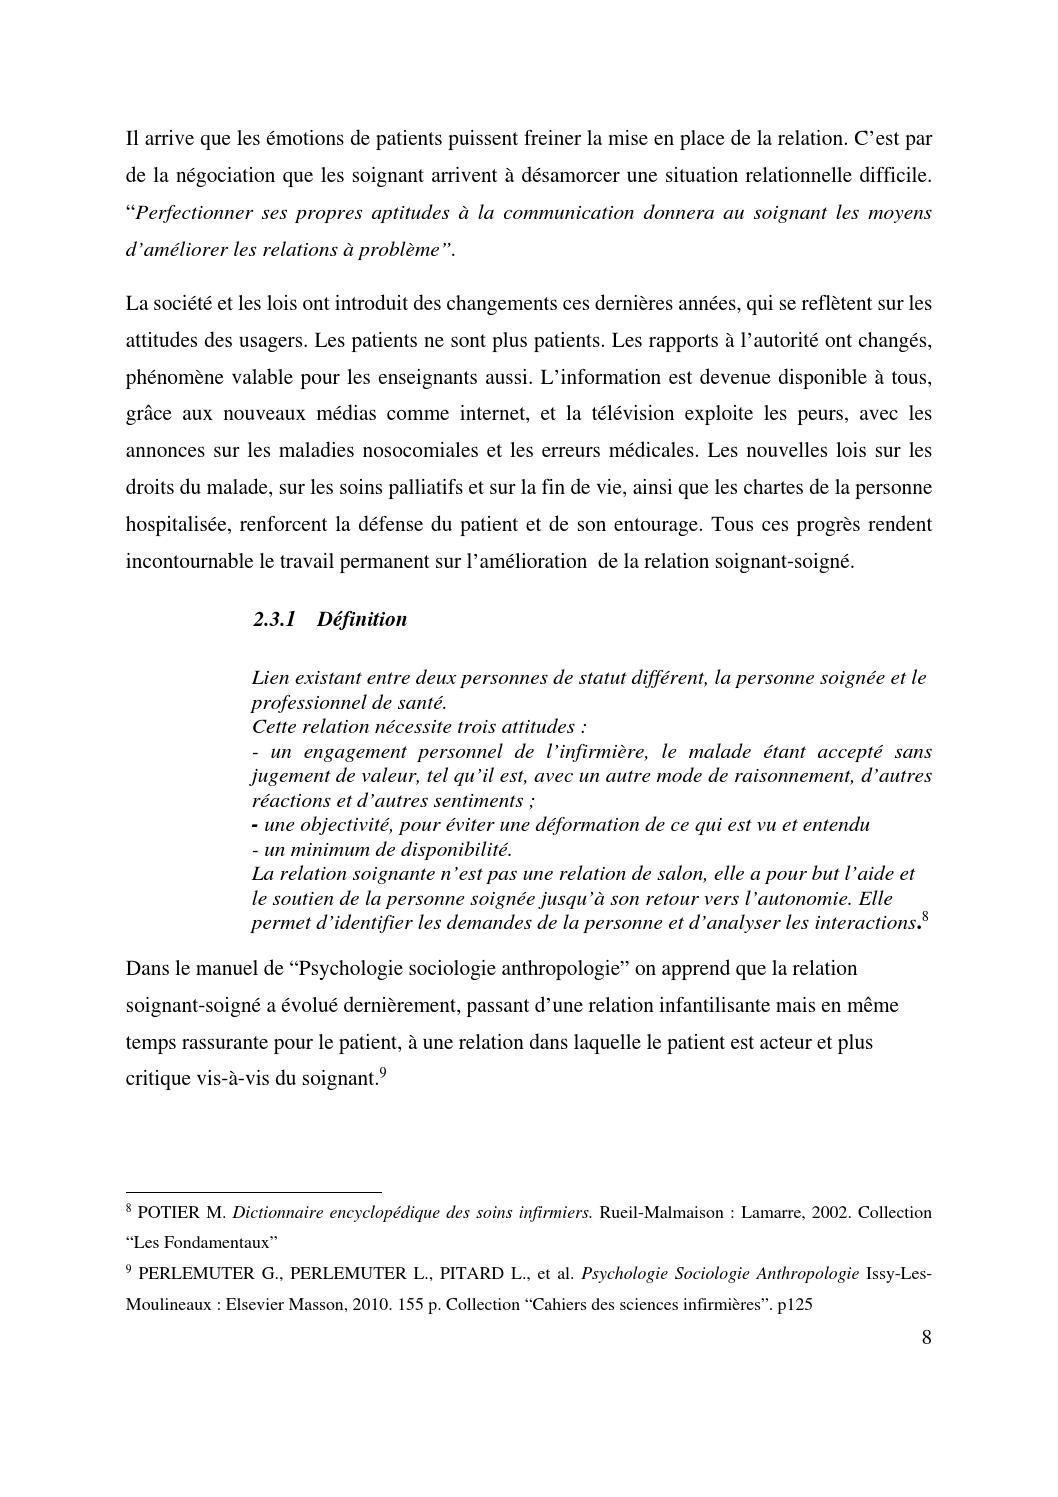 Dictionnaire Encyclopédique Des Soins Infirmiers : dictionnaire, encyclopédique, soins, infirmiers, Aroaema, Issuu